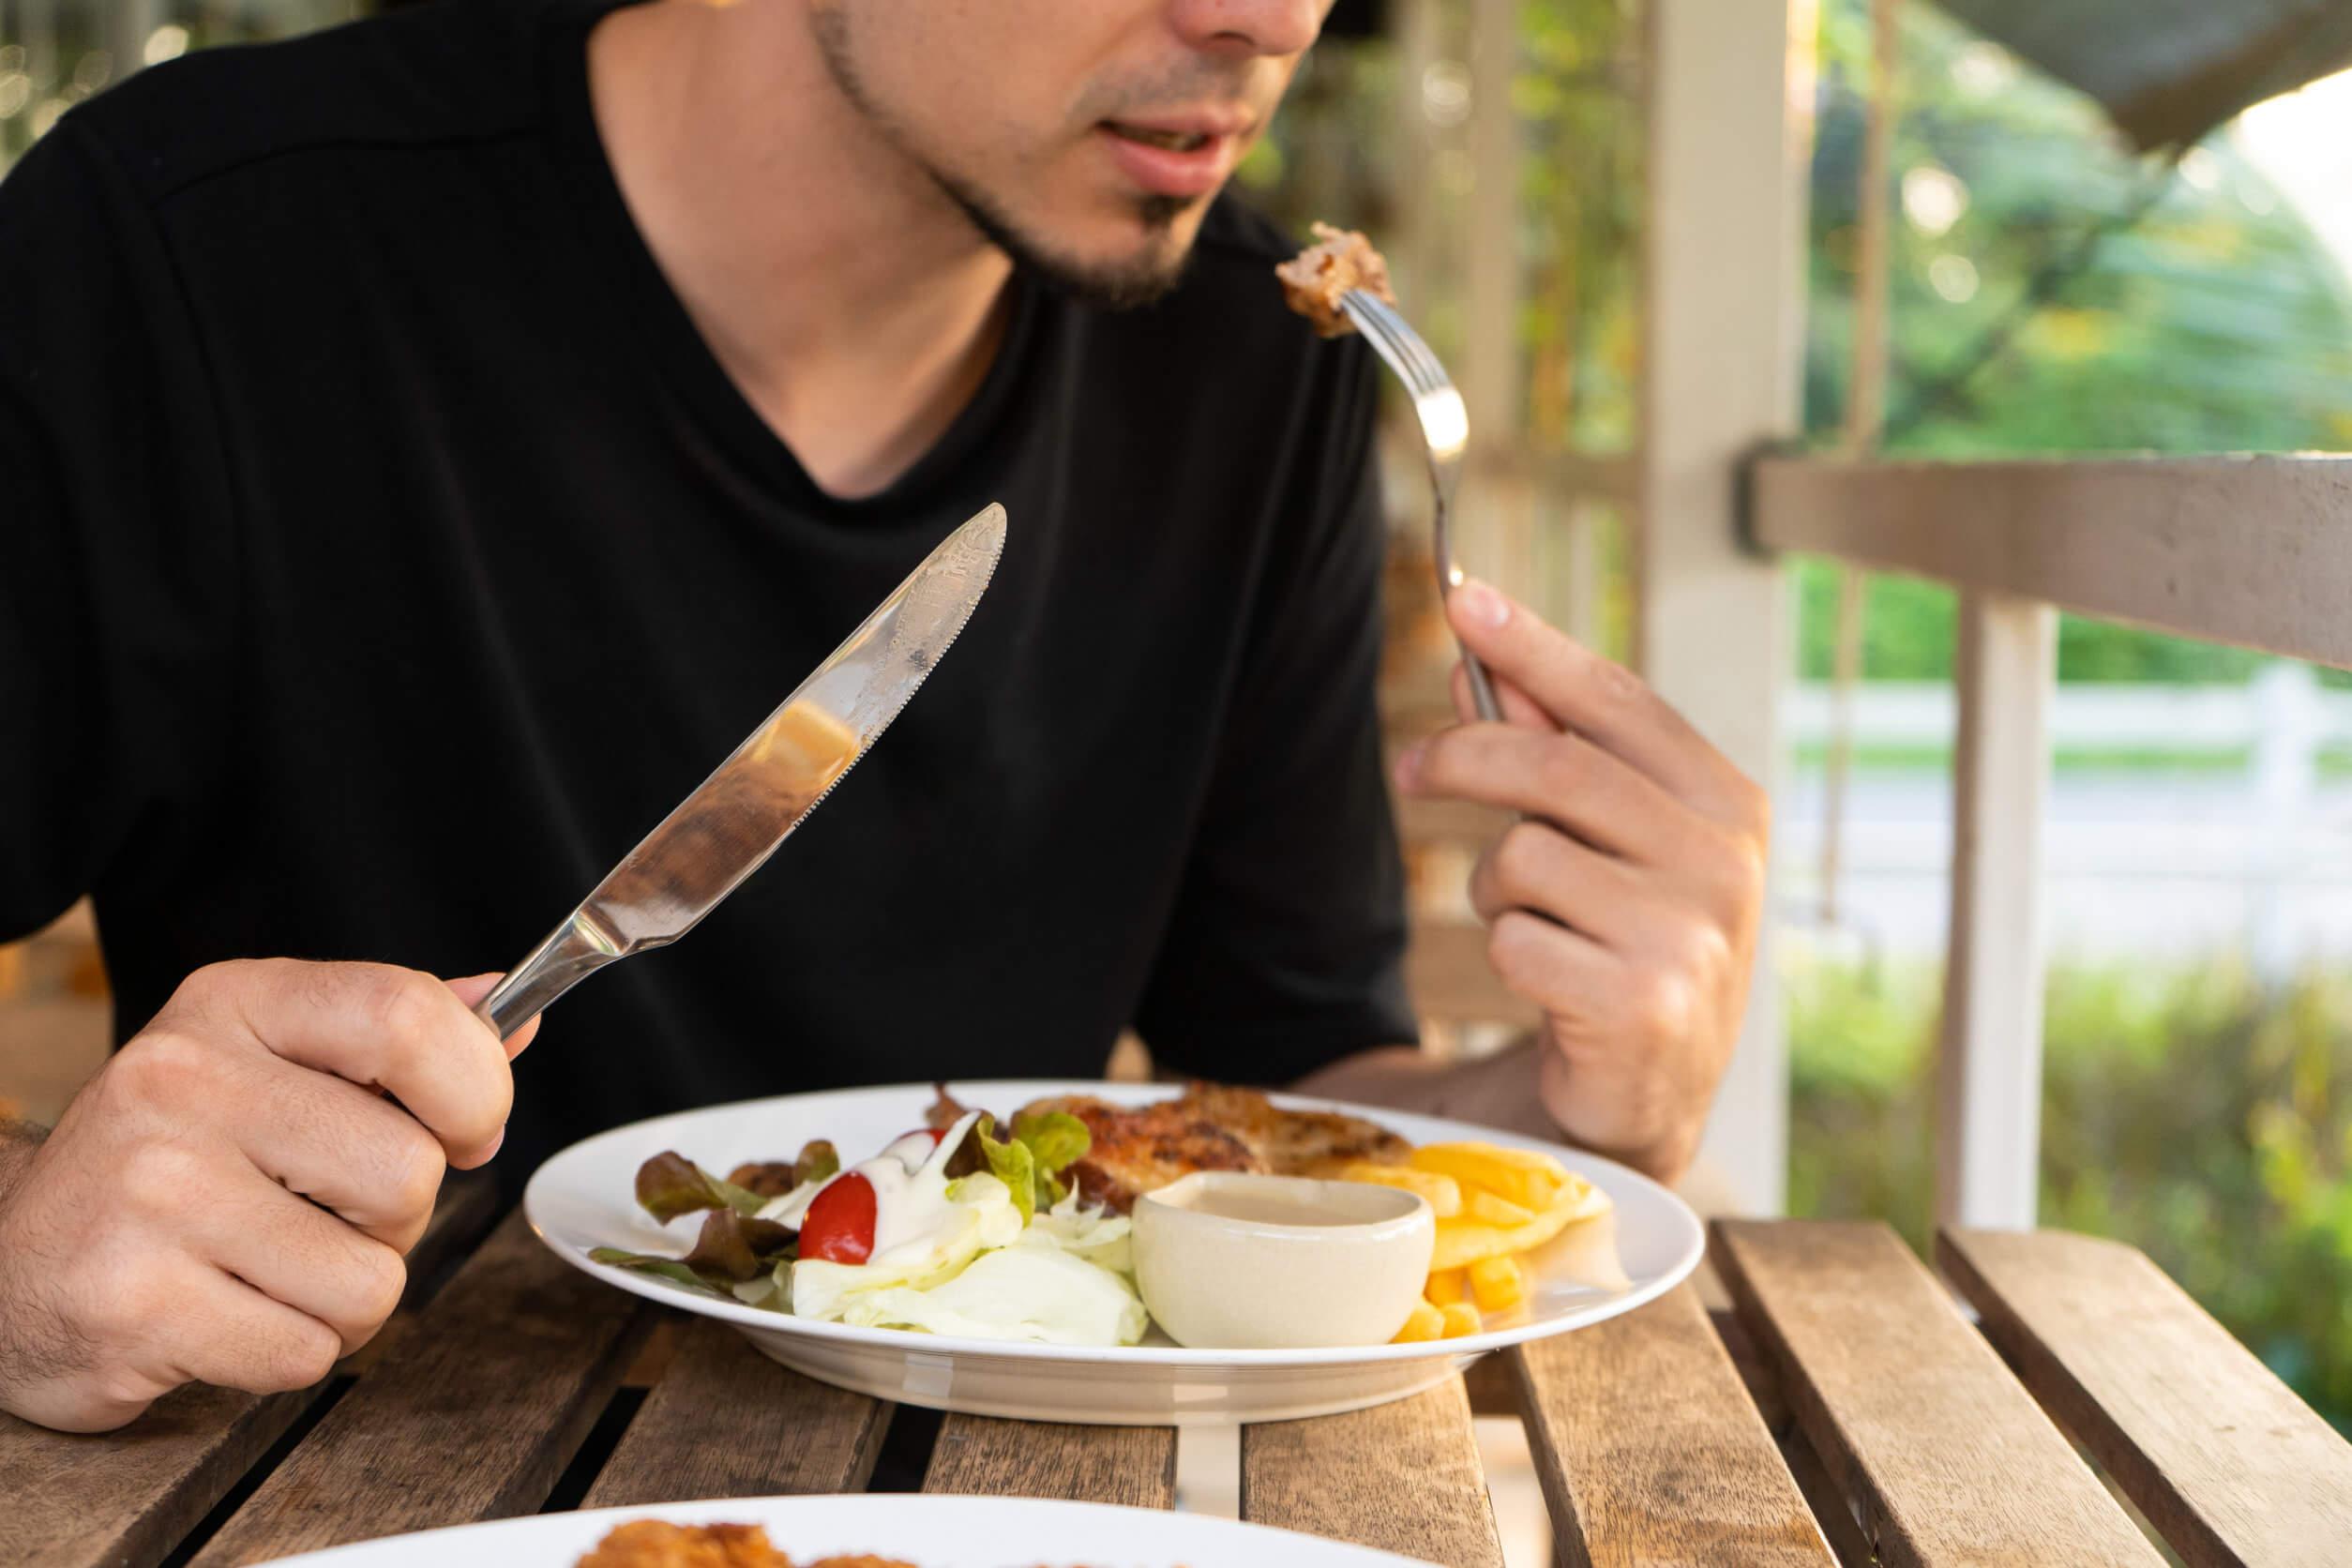 Para aumentar el apetito